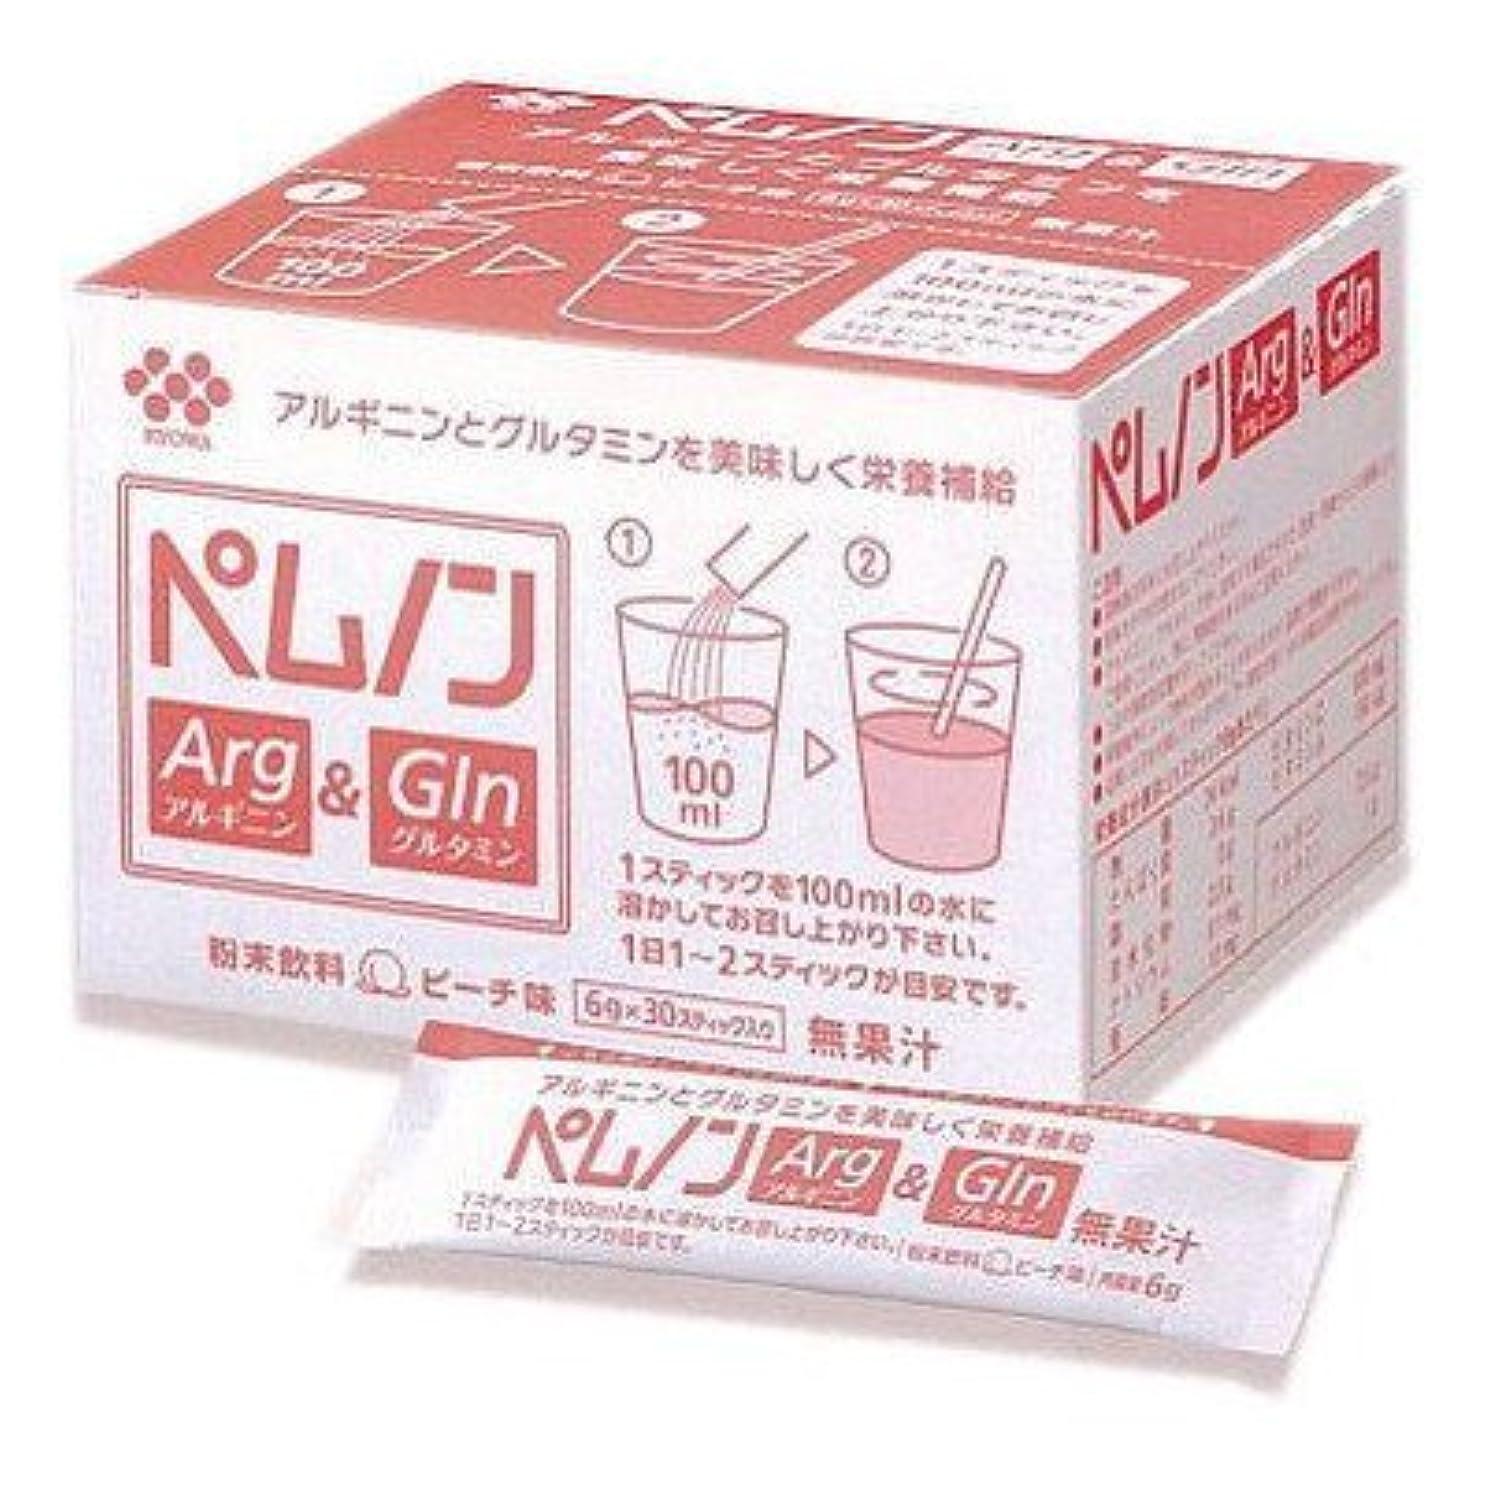 膨らみ磁気代わりにを立てるペムノン アルギニン&グルタミン ピーチ味 6g×30スティック/箱